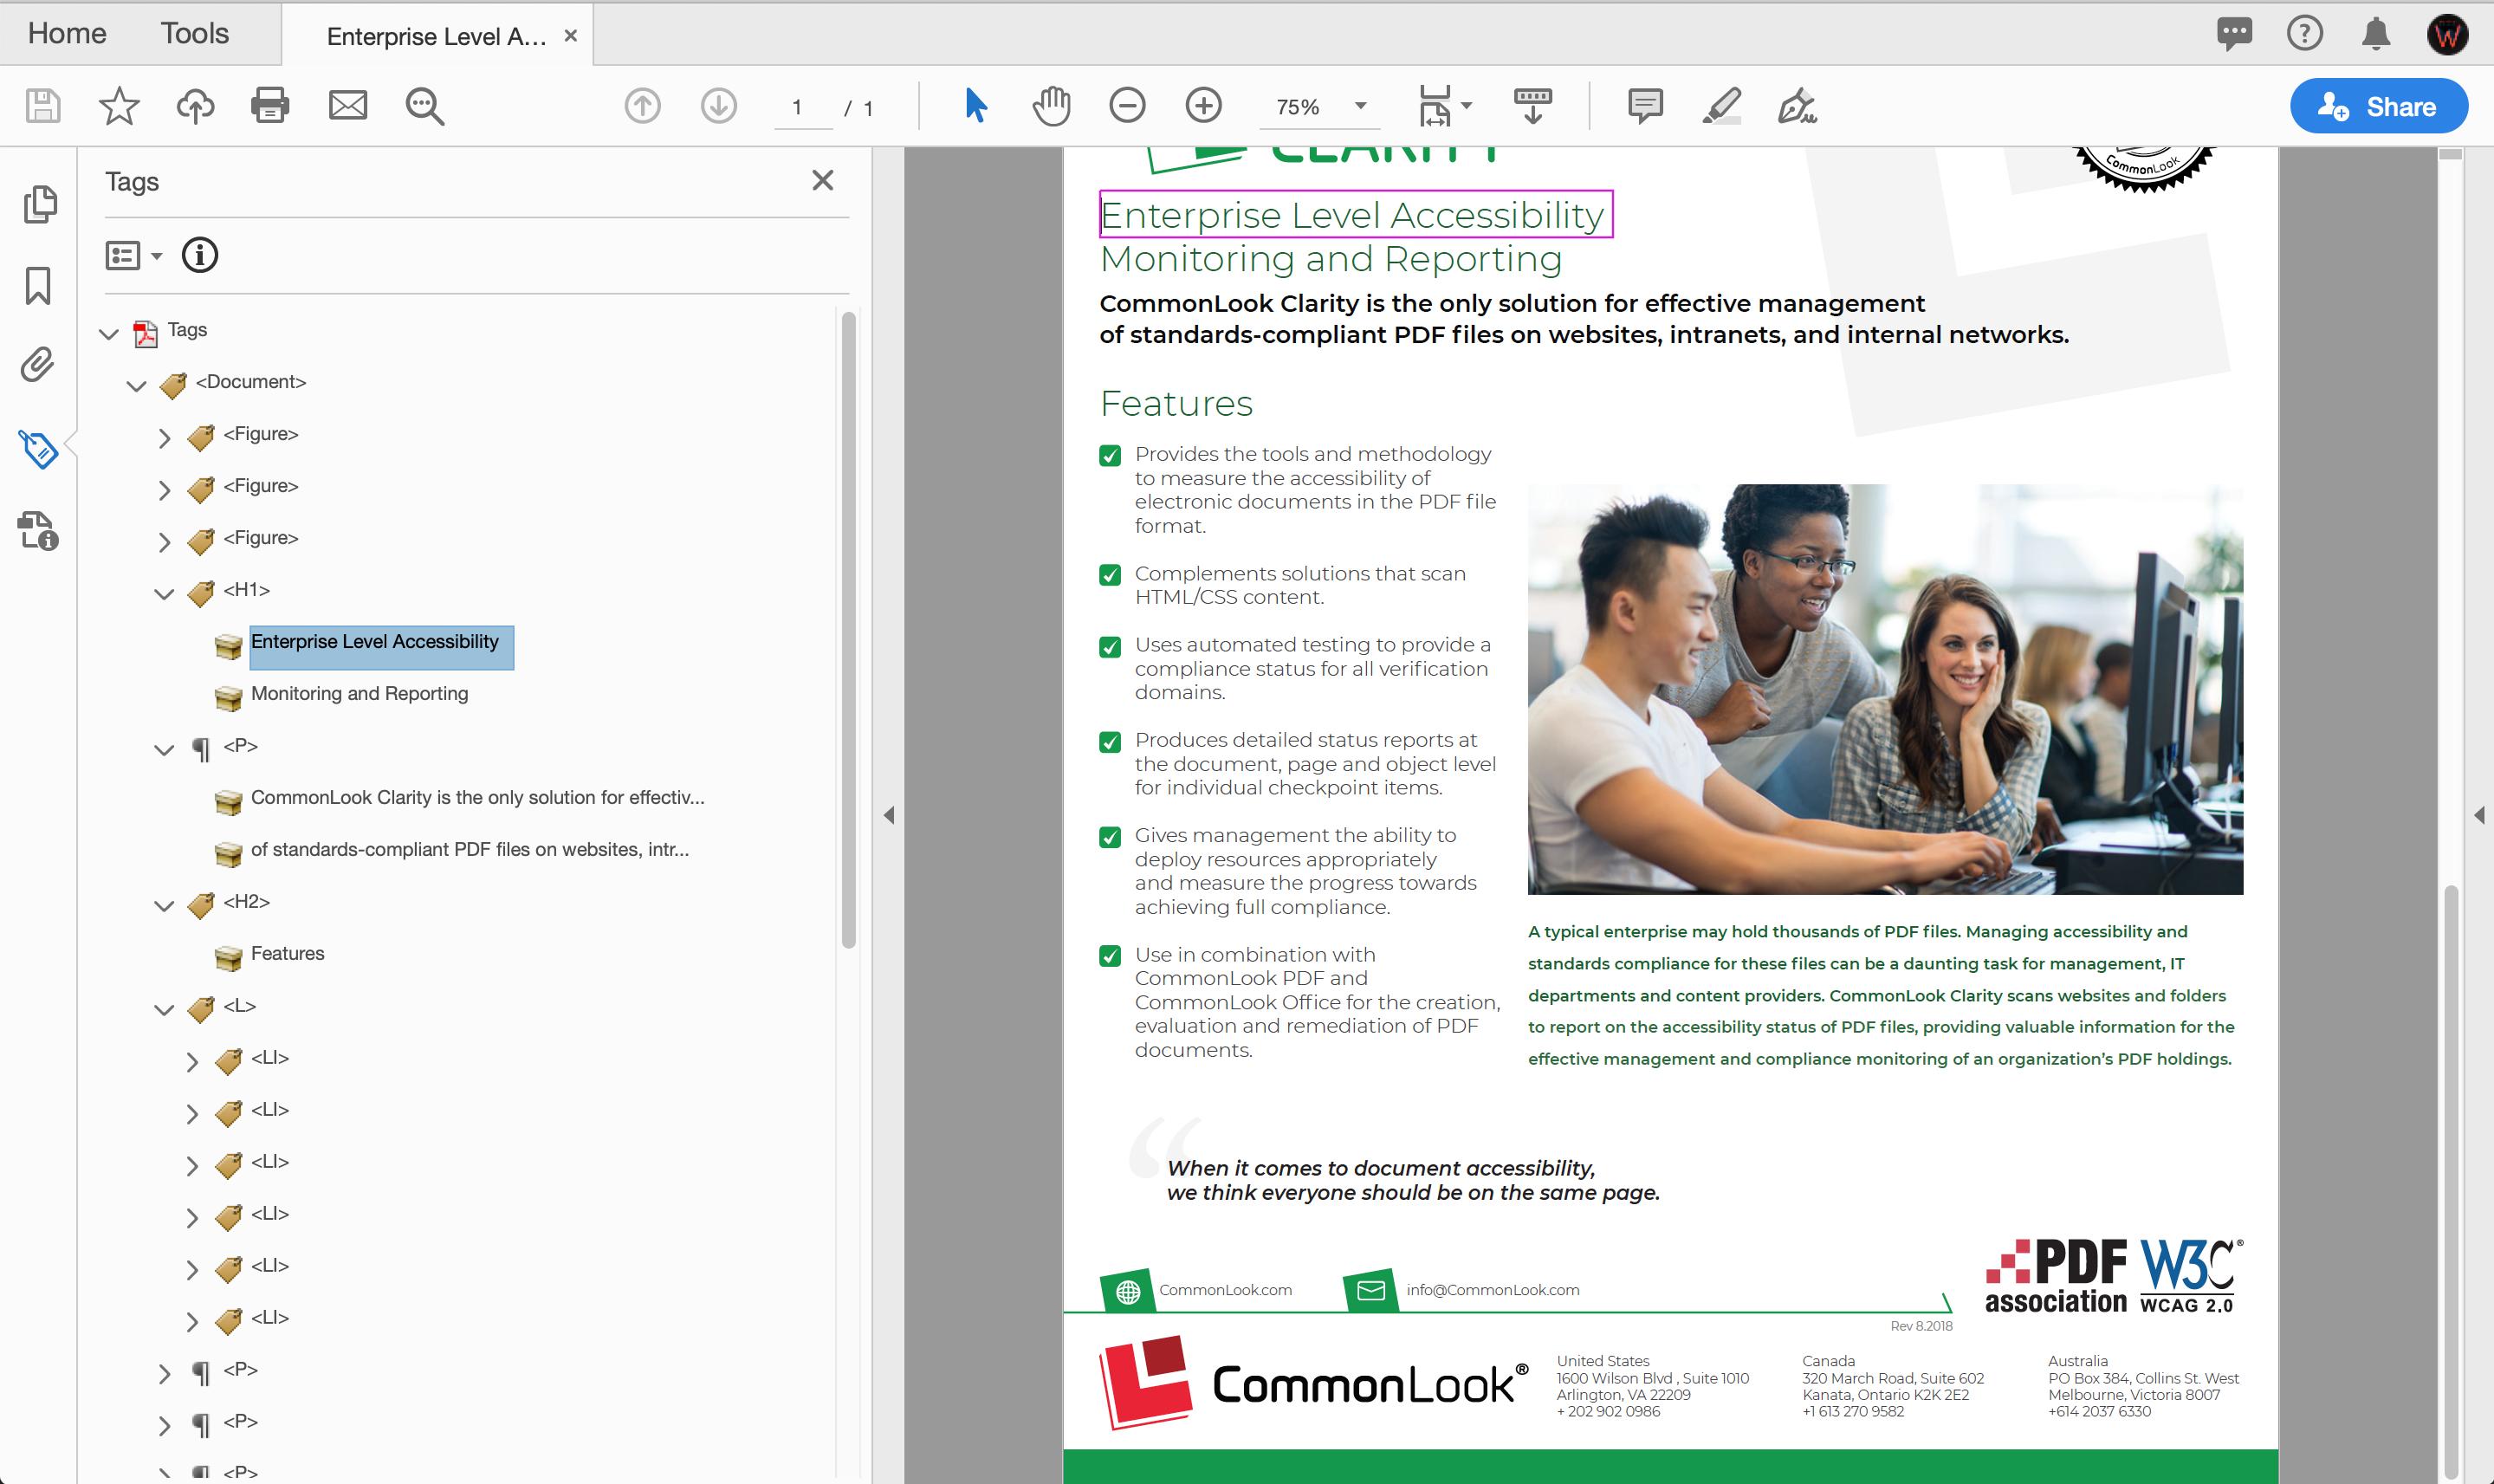 Screenshot of Adobe Acrobat Tag Sidebar Menu